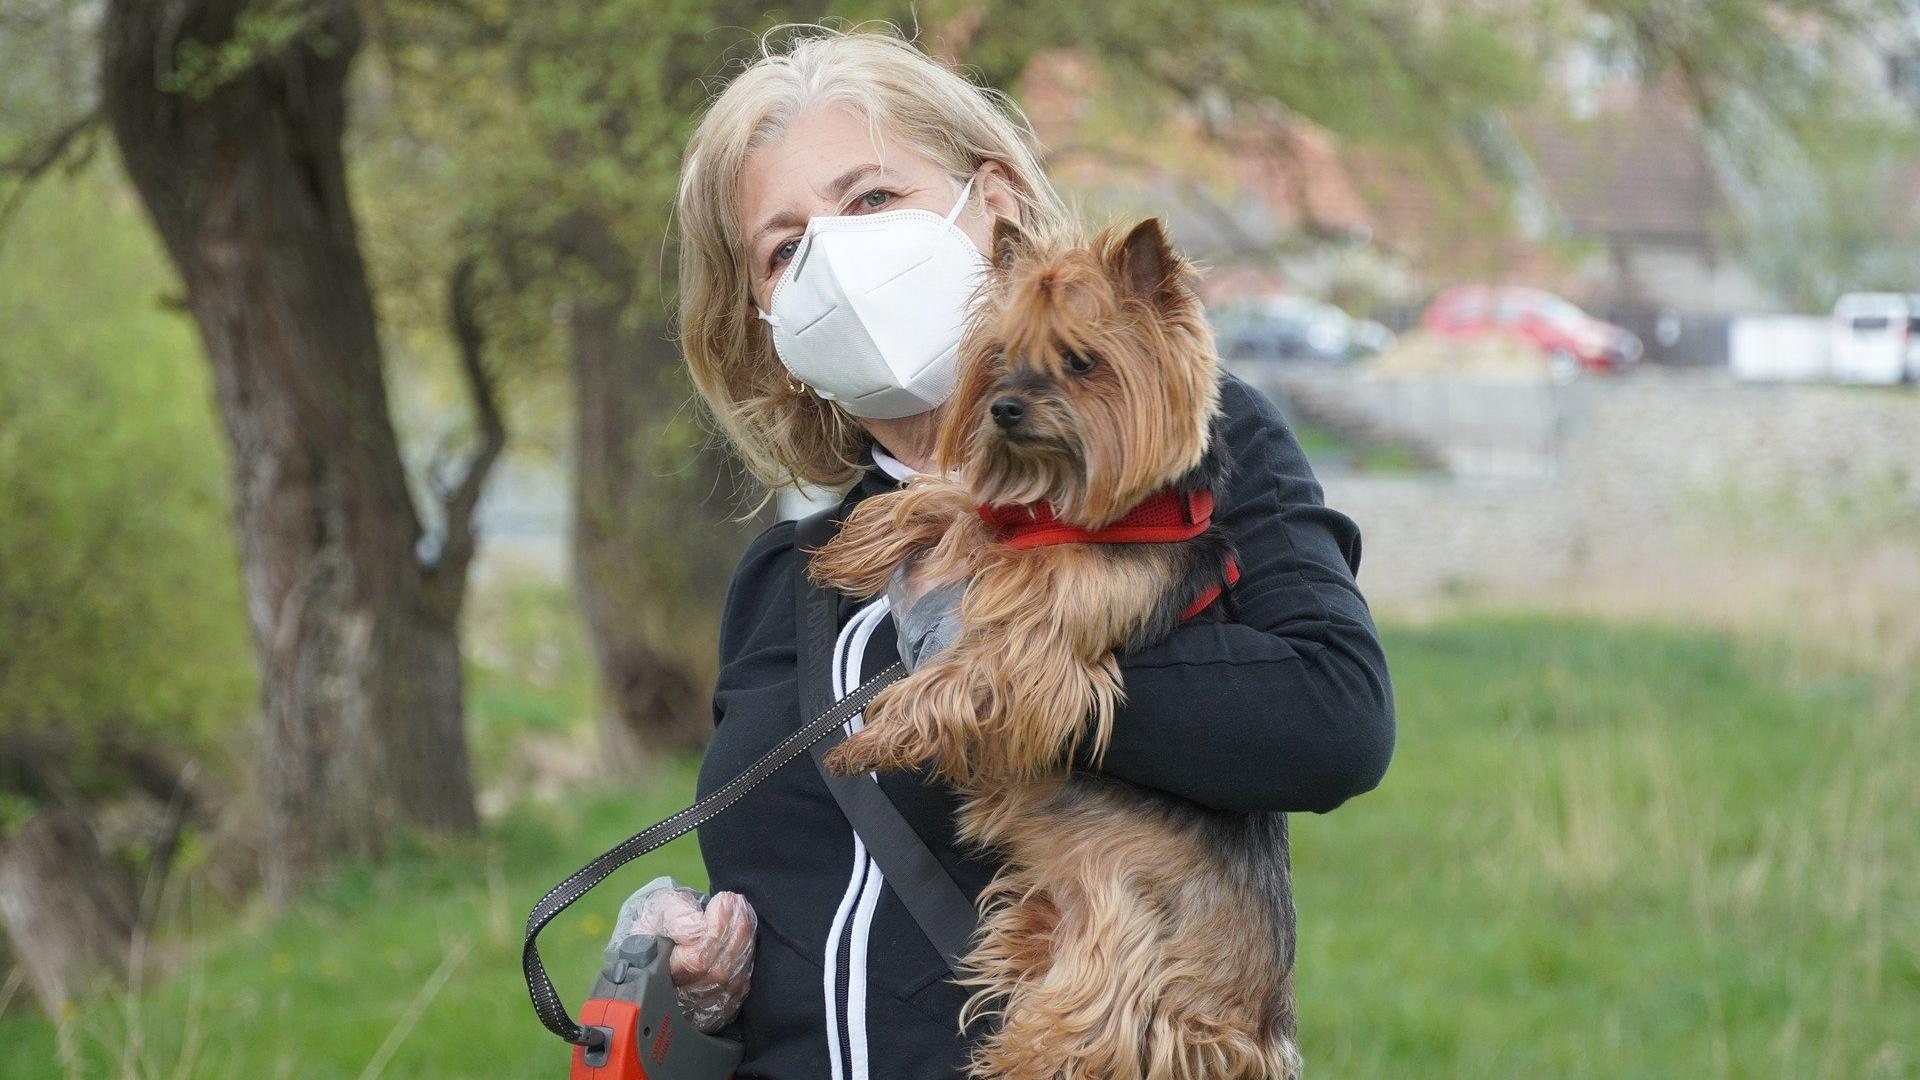 Собачники подвержены высокому риску заражения SARS-Cov-2